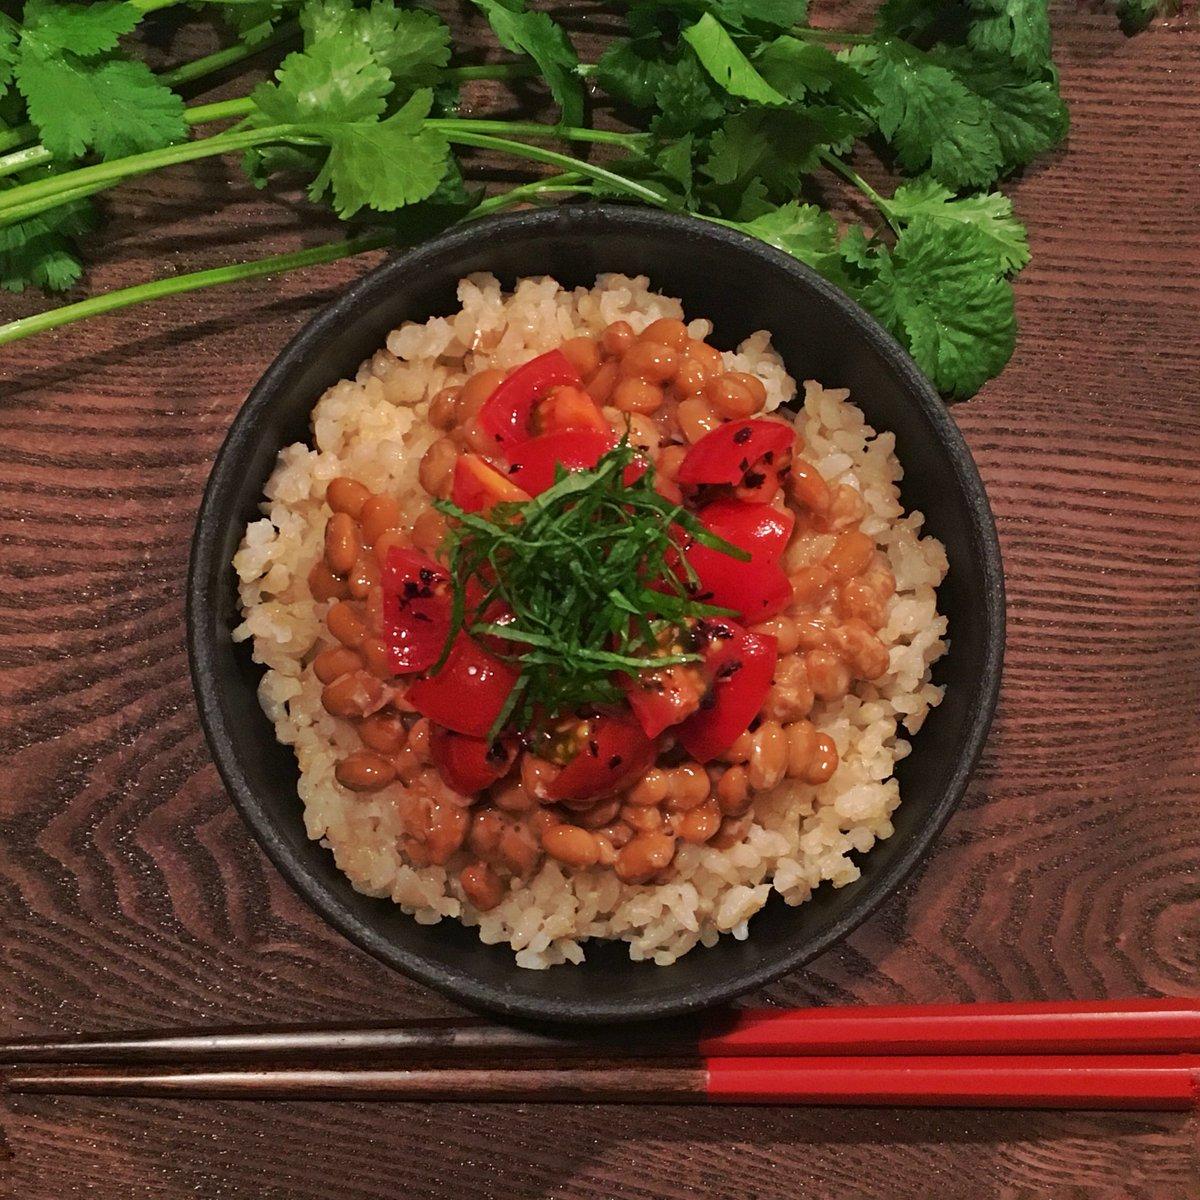 納豆+トマト+……? つづきは次回の資生堂Beauty&Co.連載、すぼら痩せ納豆特集にて(^ω^)?うまうま。ねばねば。#小鳥飯